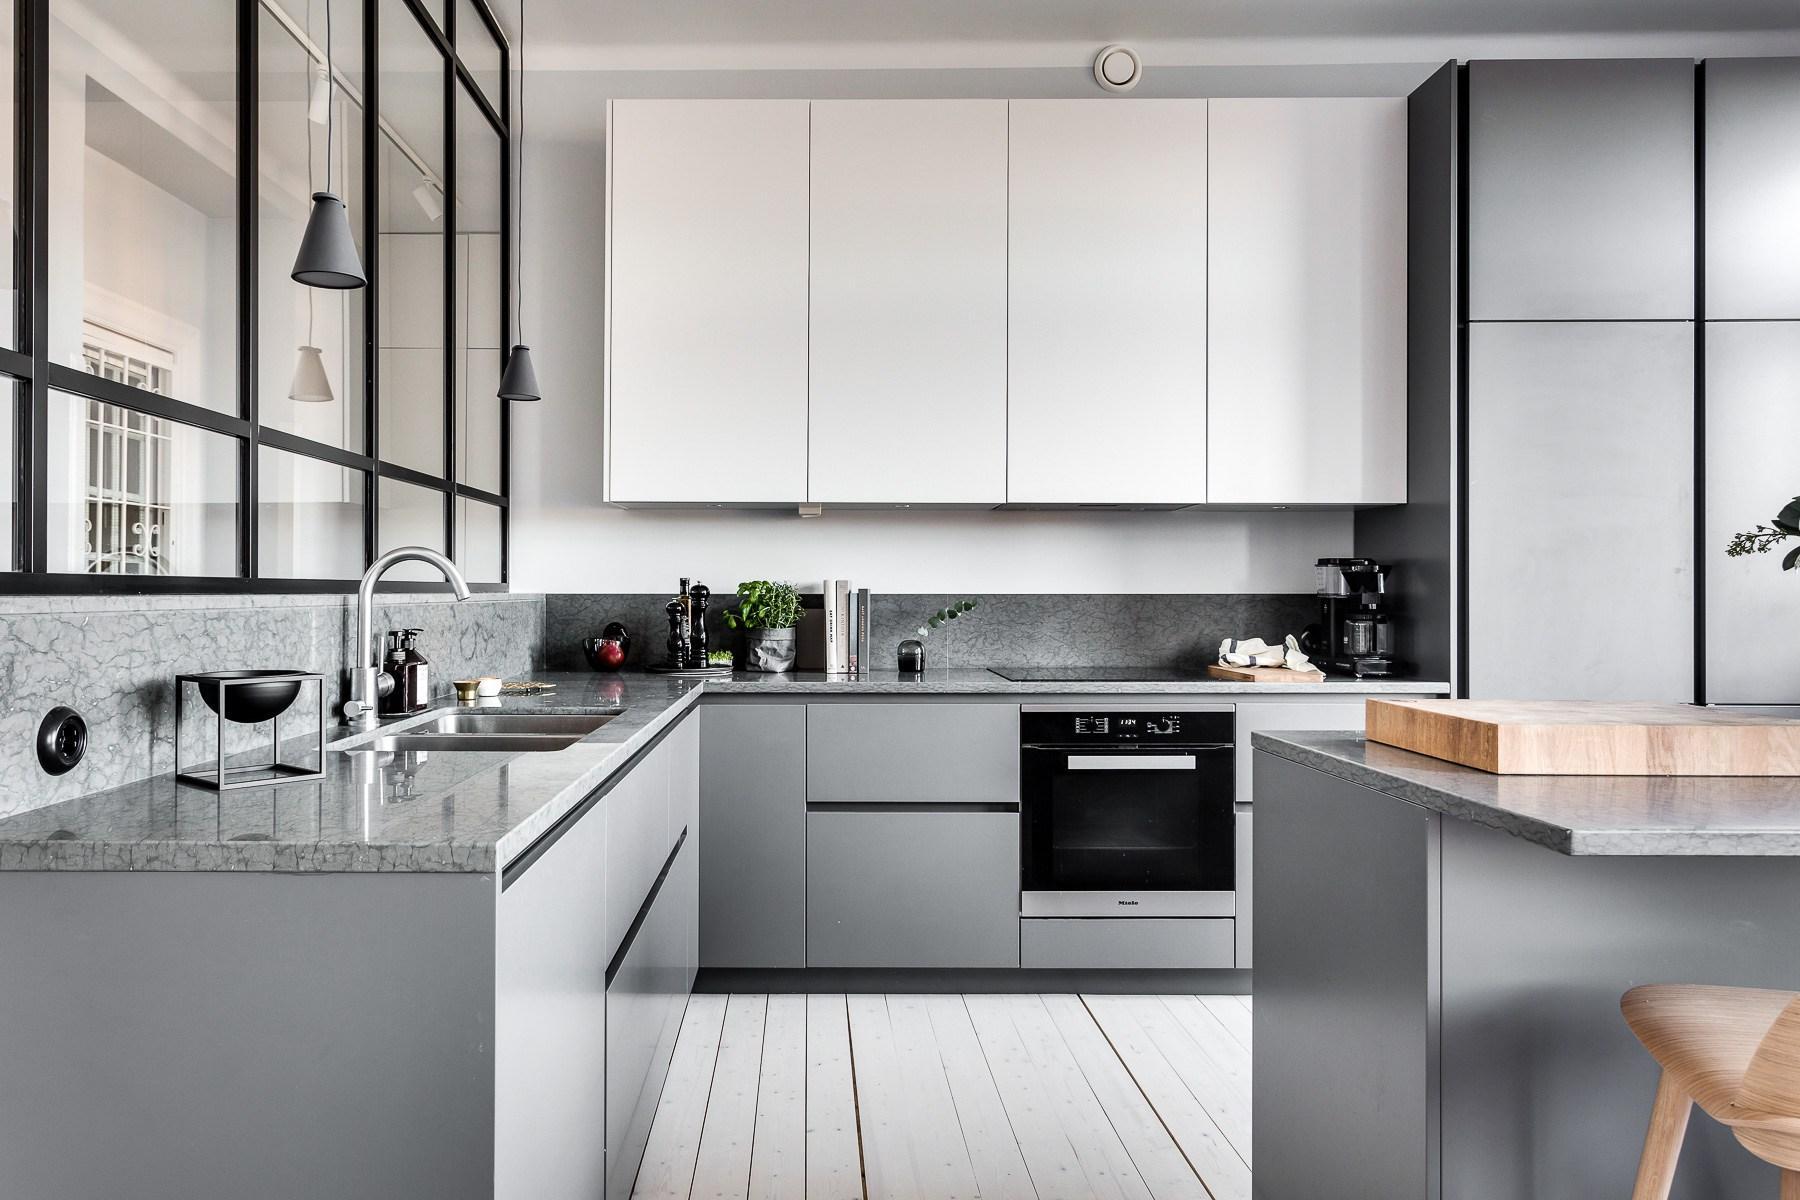 Existen muchas más ideas para reformar tu cocina